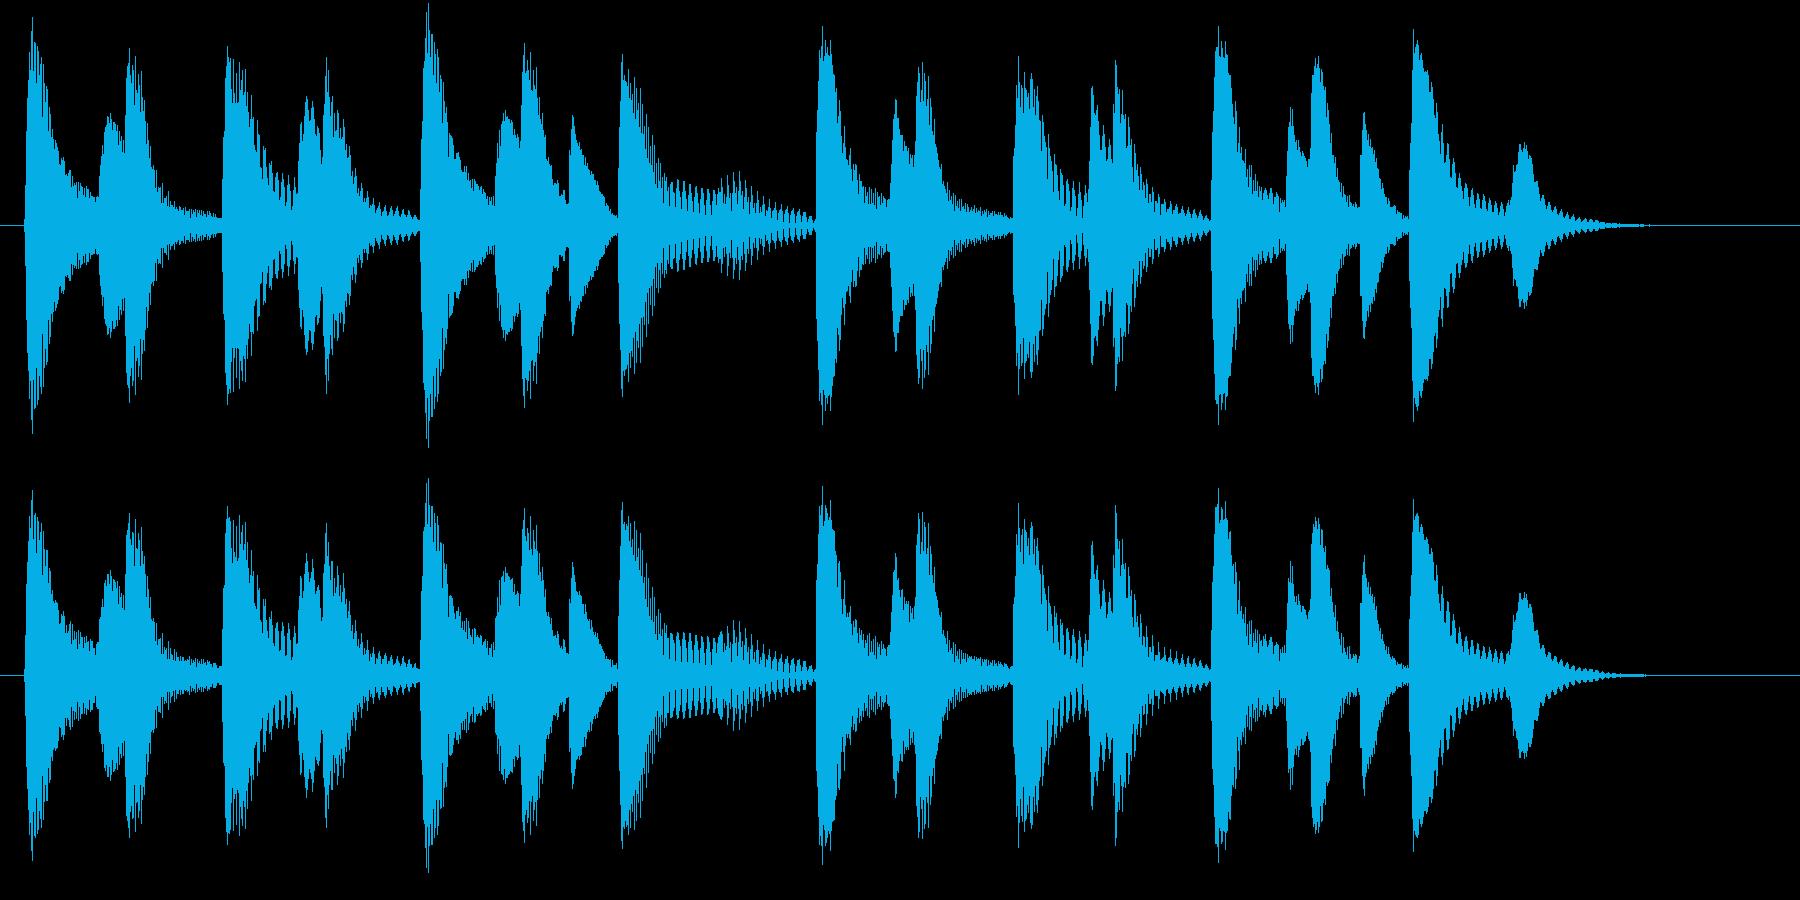 木琴のドミソのみで構成されたジングルの再生済みの波形